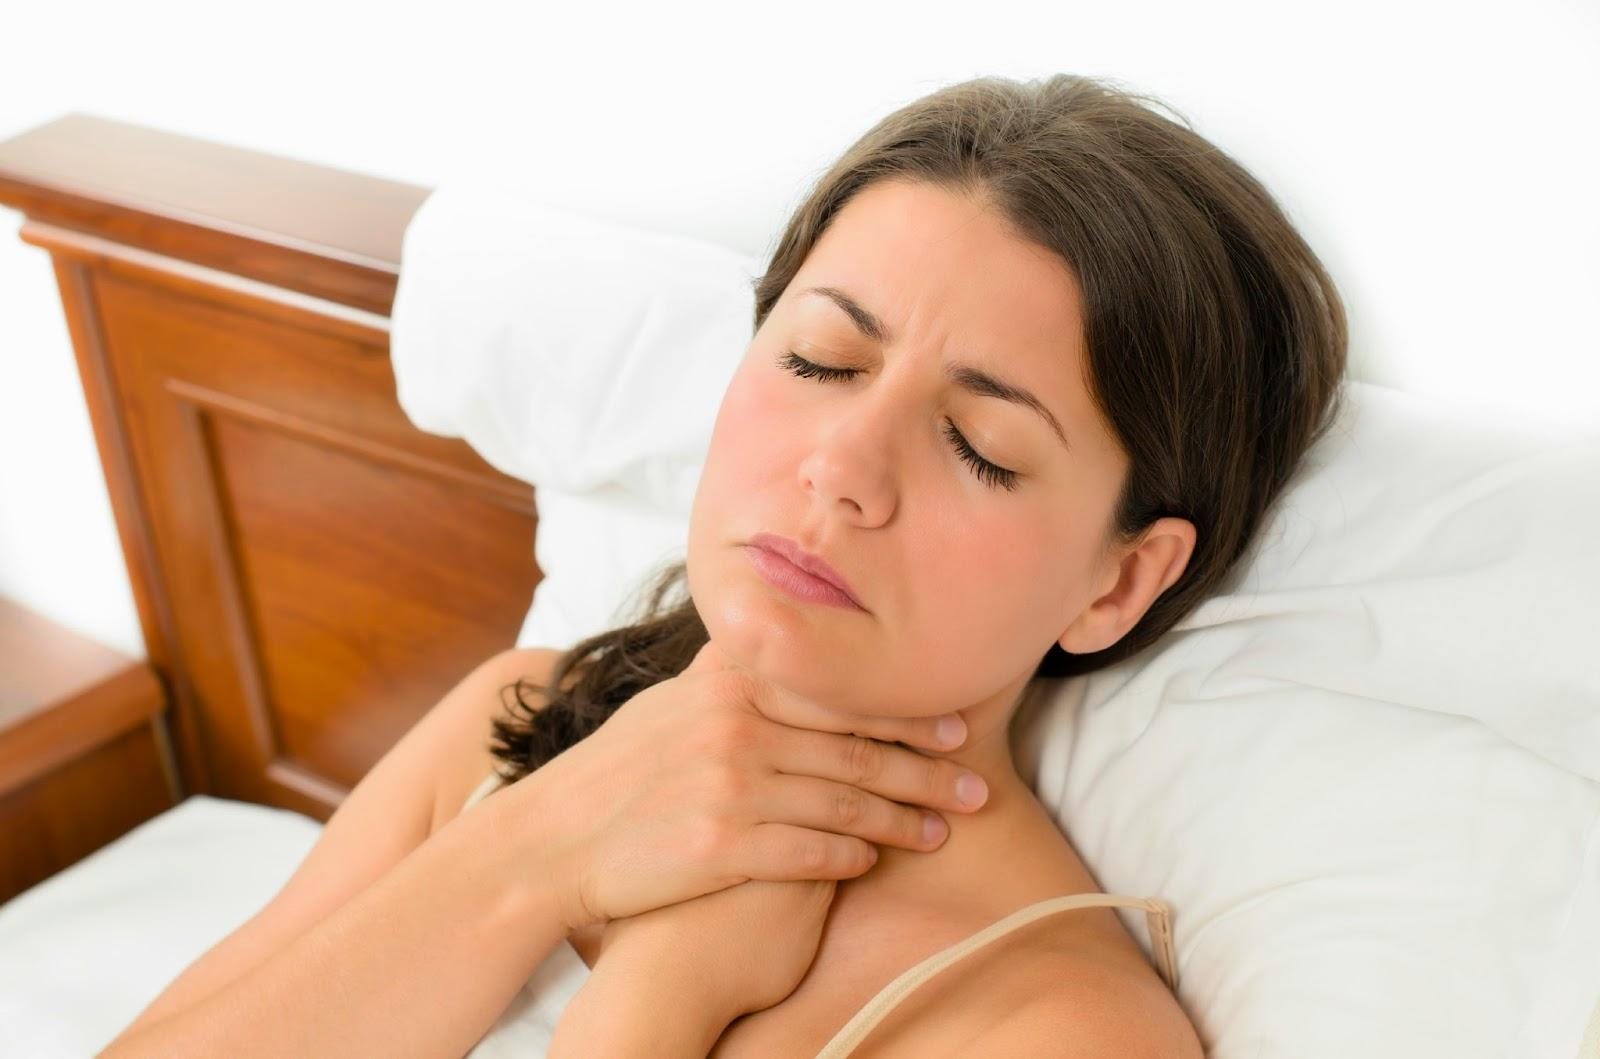 Обострение тонзиллита хронического – как лечить рецидив, симптомы